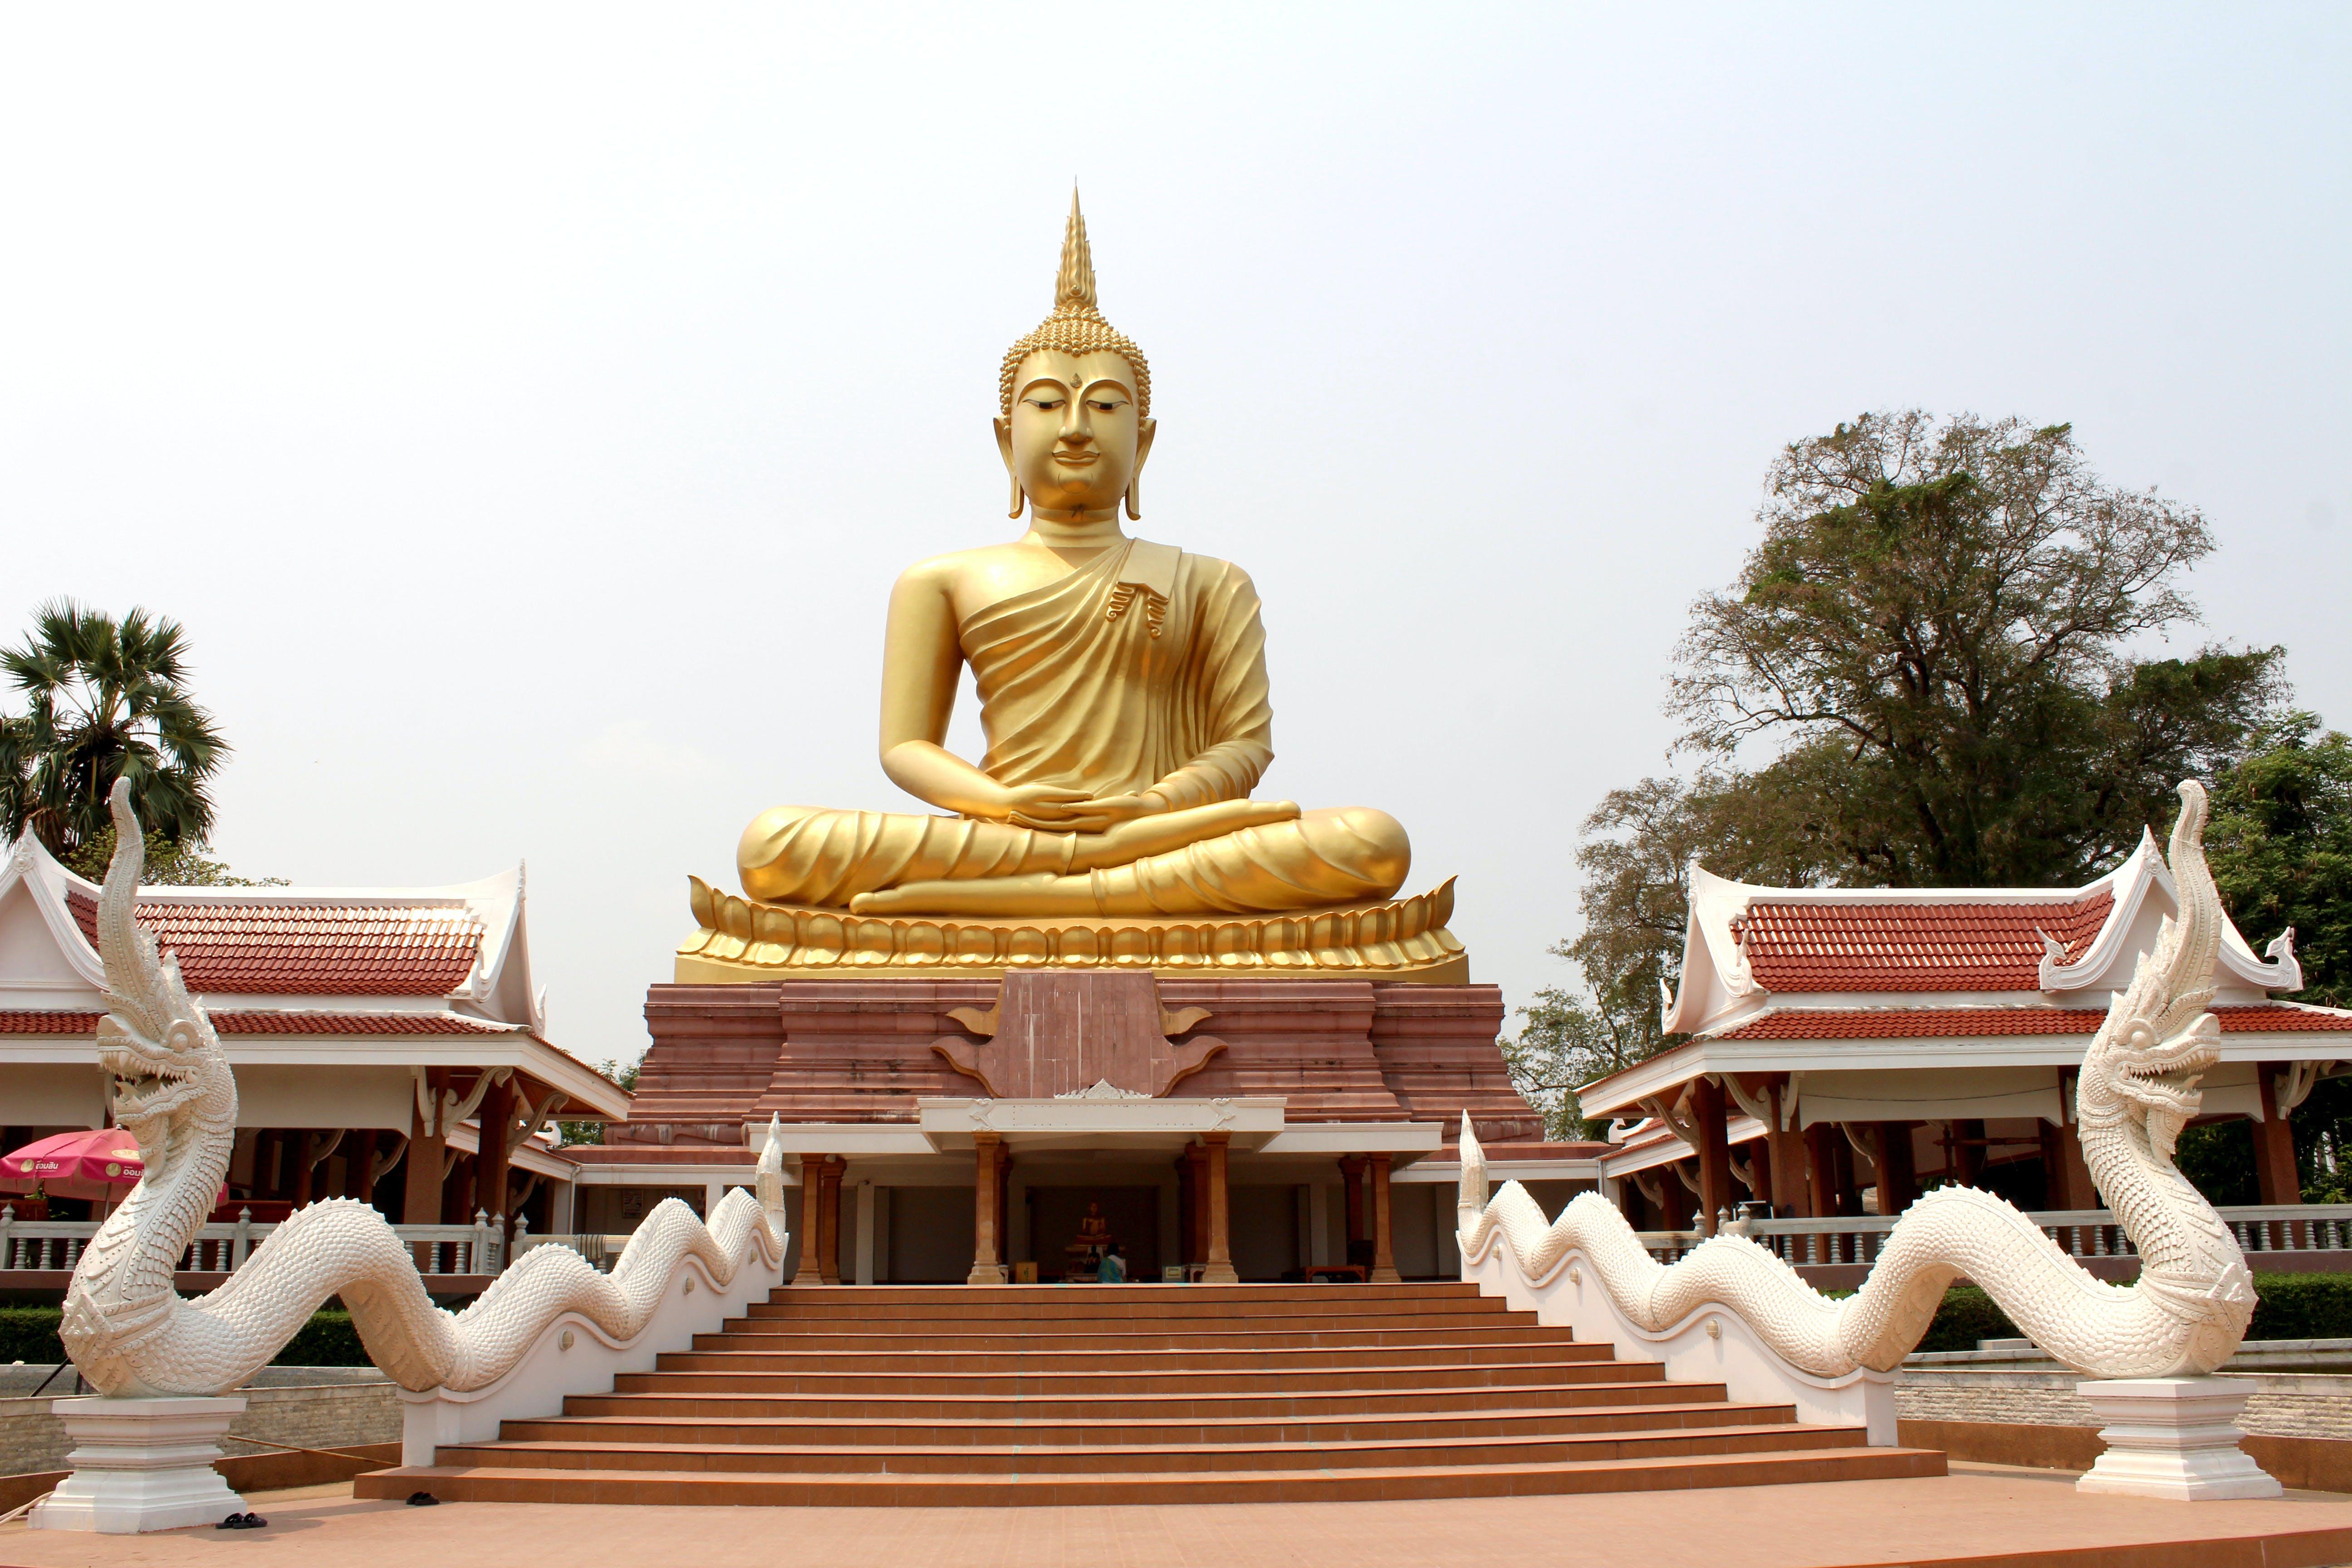 buddha, Buddhism, famous